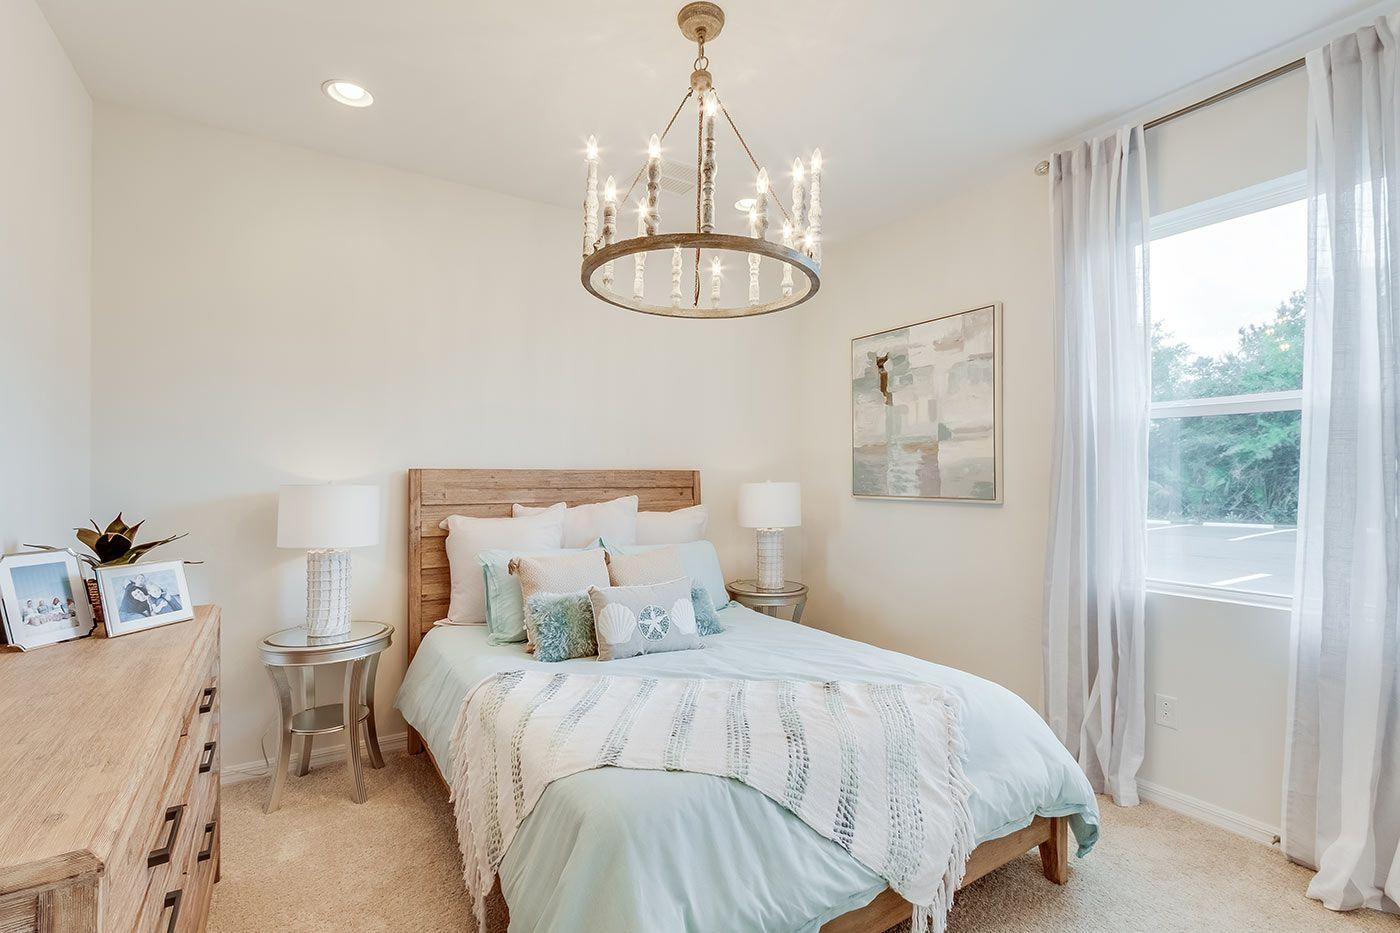 Bedroom featured in the Kellen By D.R. Horton in Punta Gorda, FL